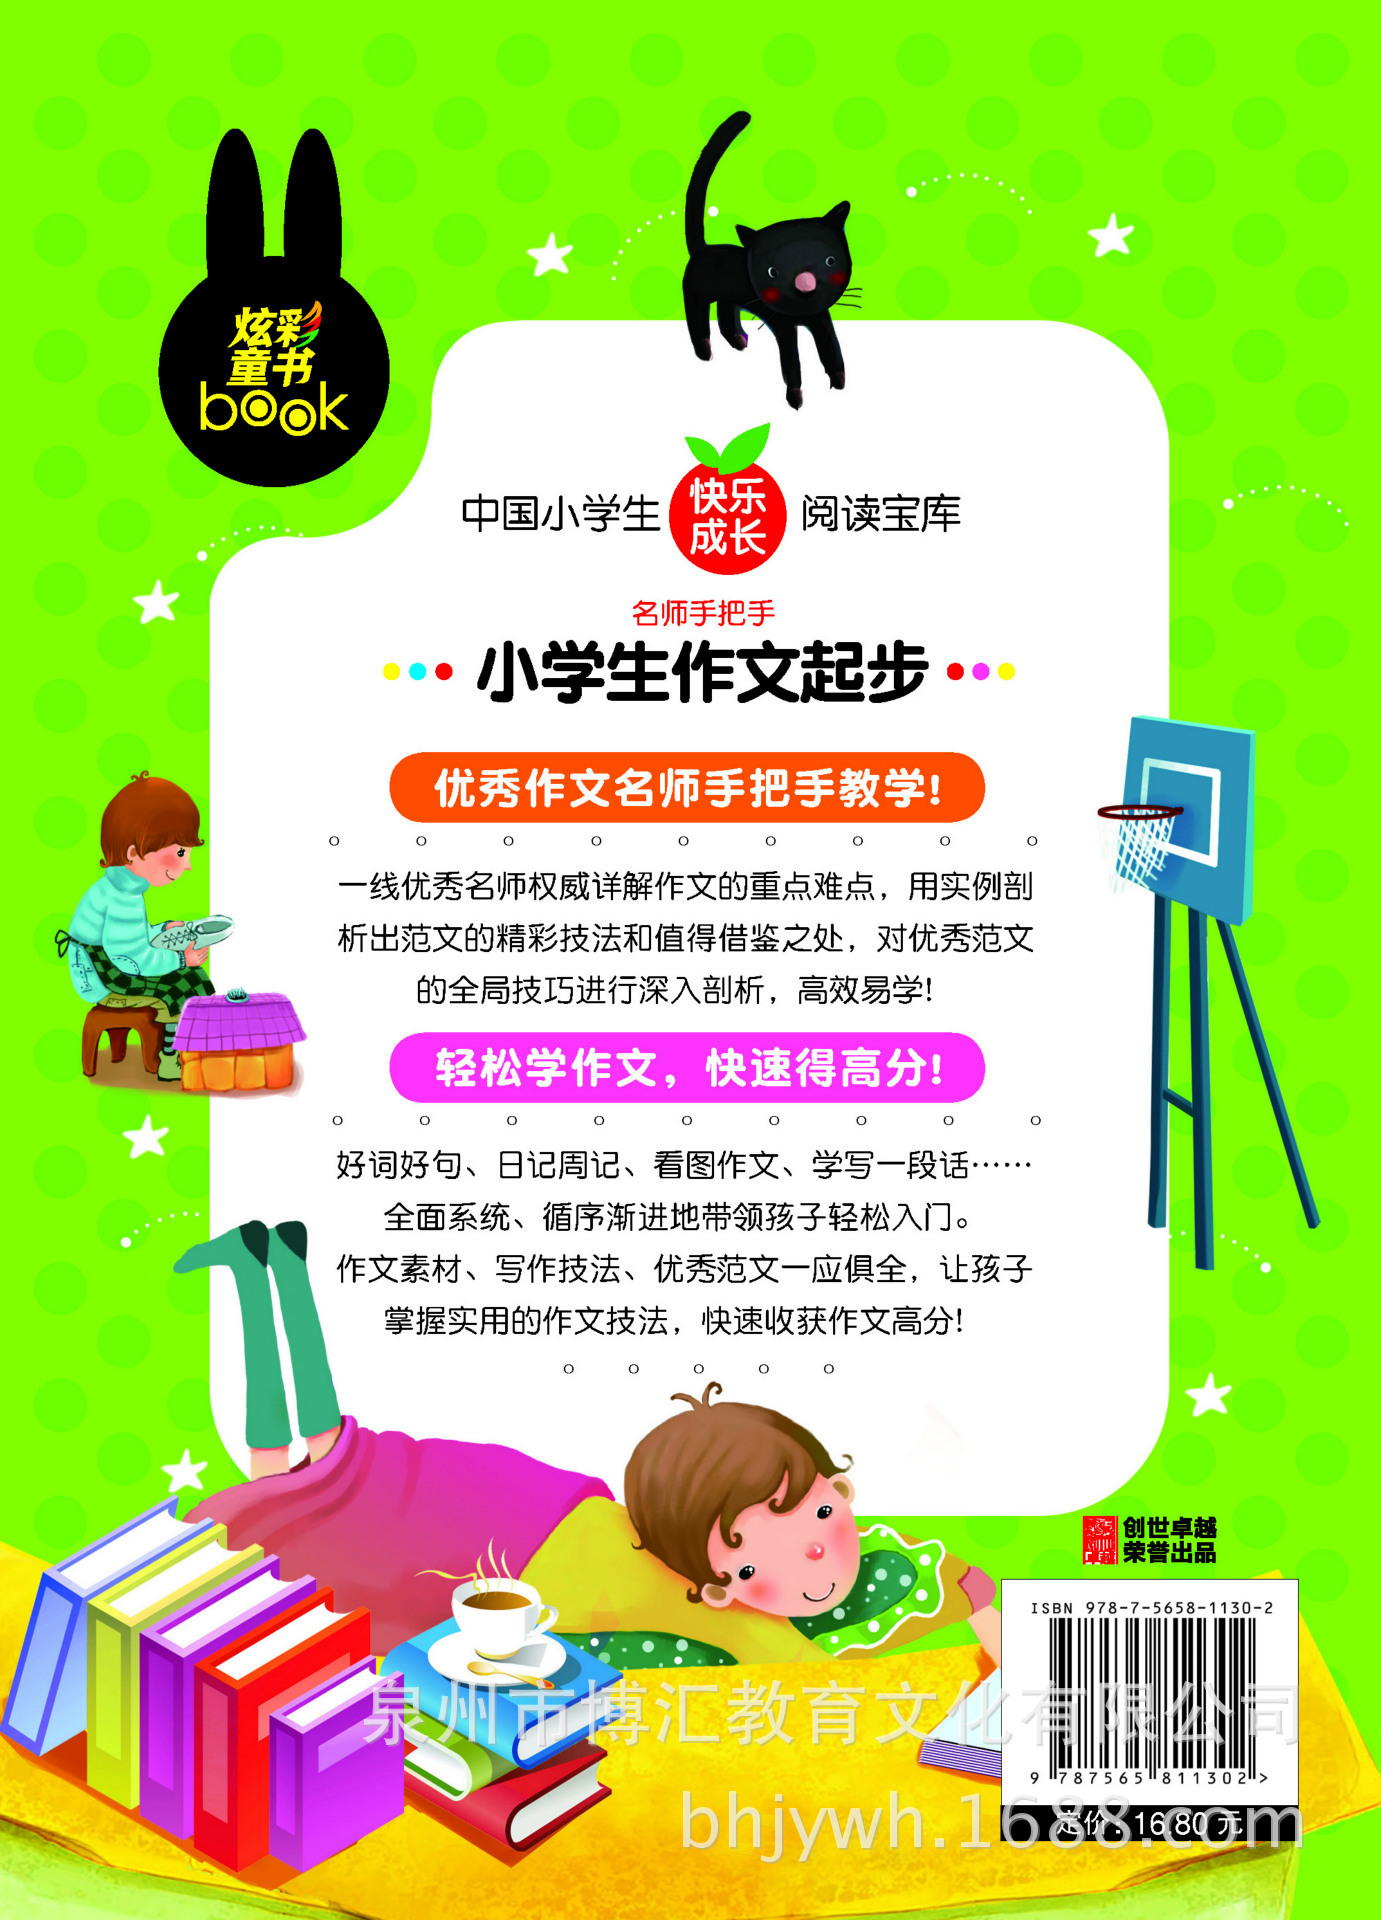 书籍-作文手把手小学生小学起步名师注音搬1活动日彩图a书籍图片